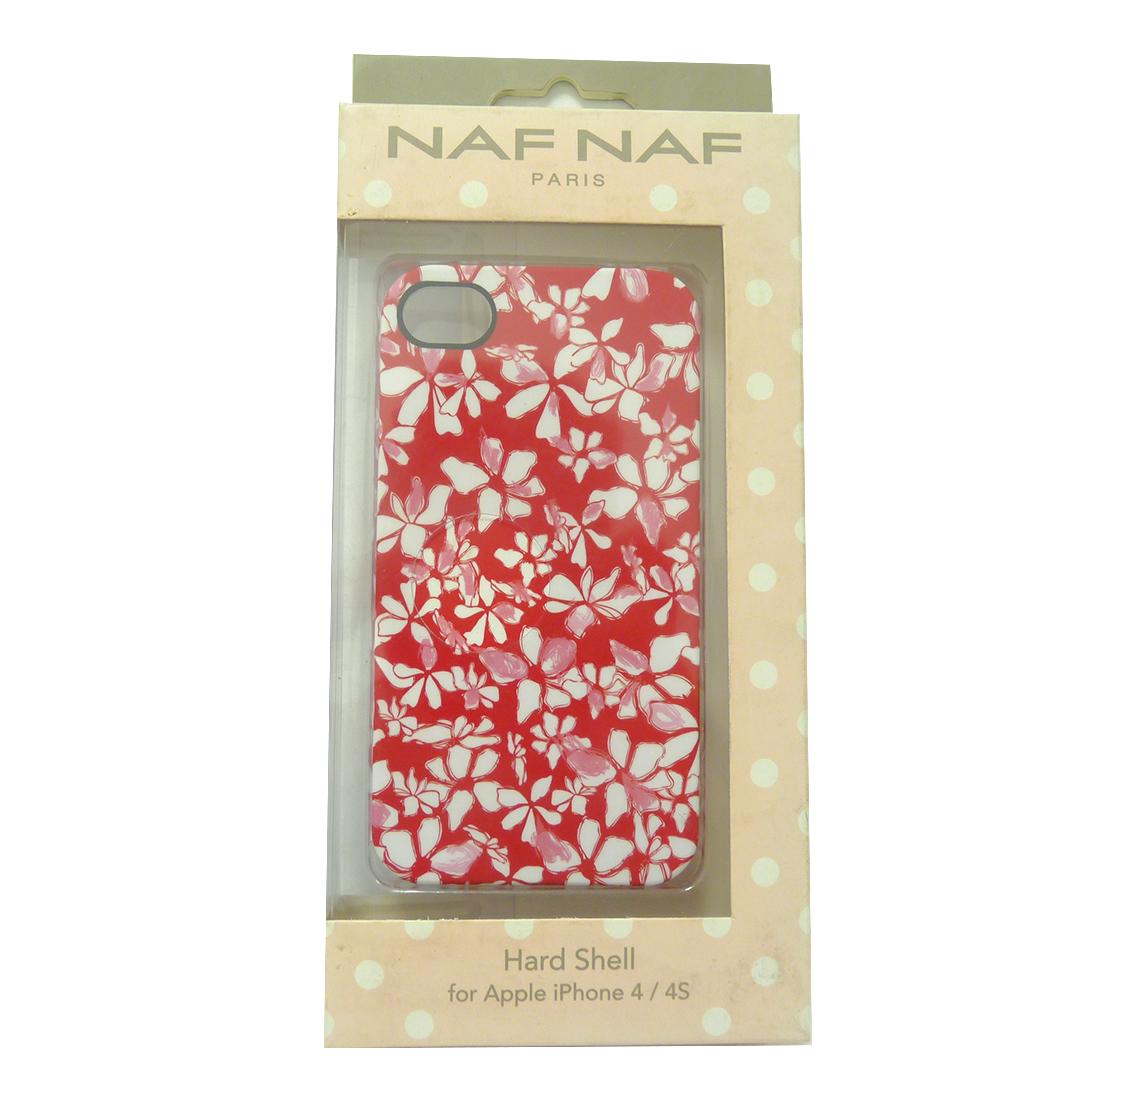 naf naf paris phone hard shell case red flower for apple iphone 4 4s cut outs ebay. Black Bedroom Furniture Sets. Home Design Ideas